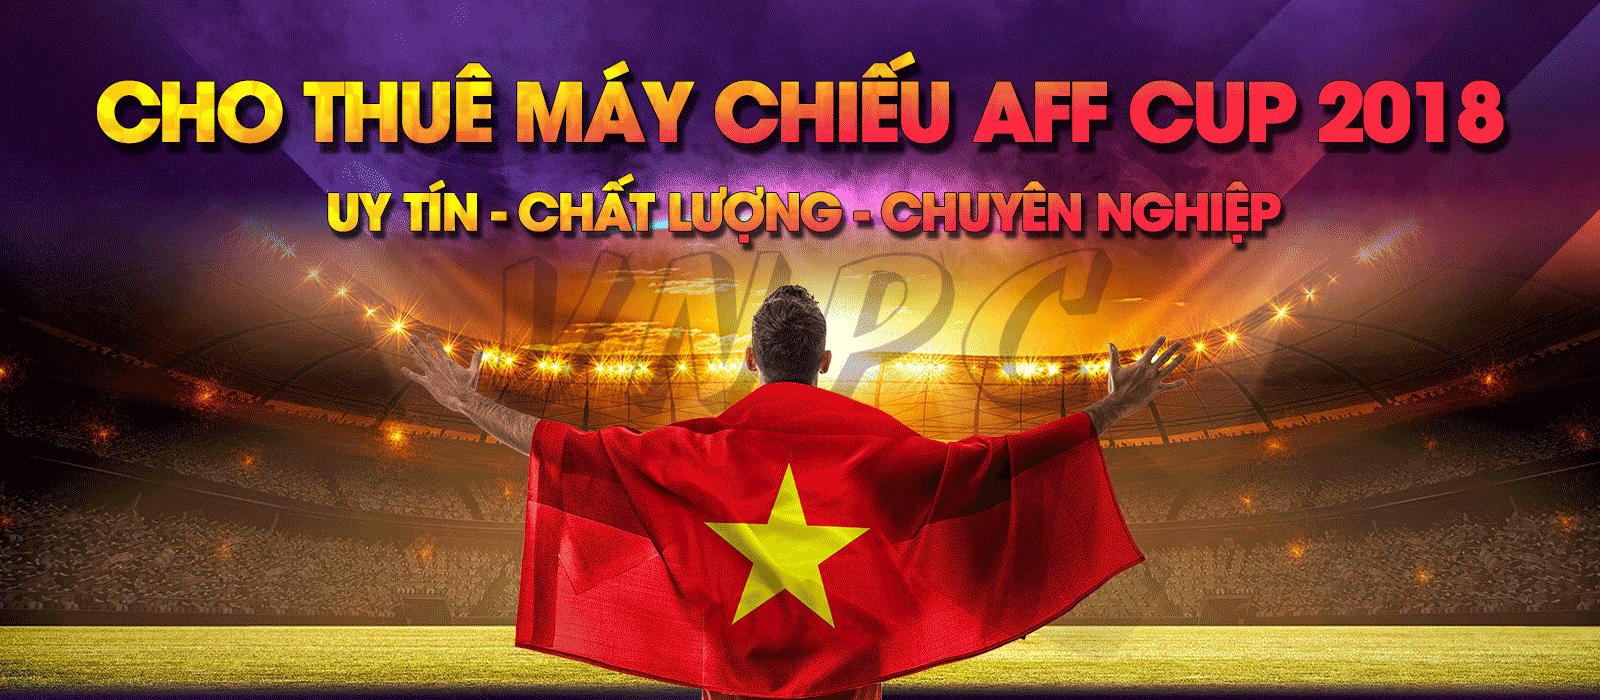 Cho thuê máy chiếu xem bóng đá AFF Suzuki Cup 2018 giá rẻ tại TpHCM, Hà Nội